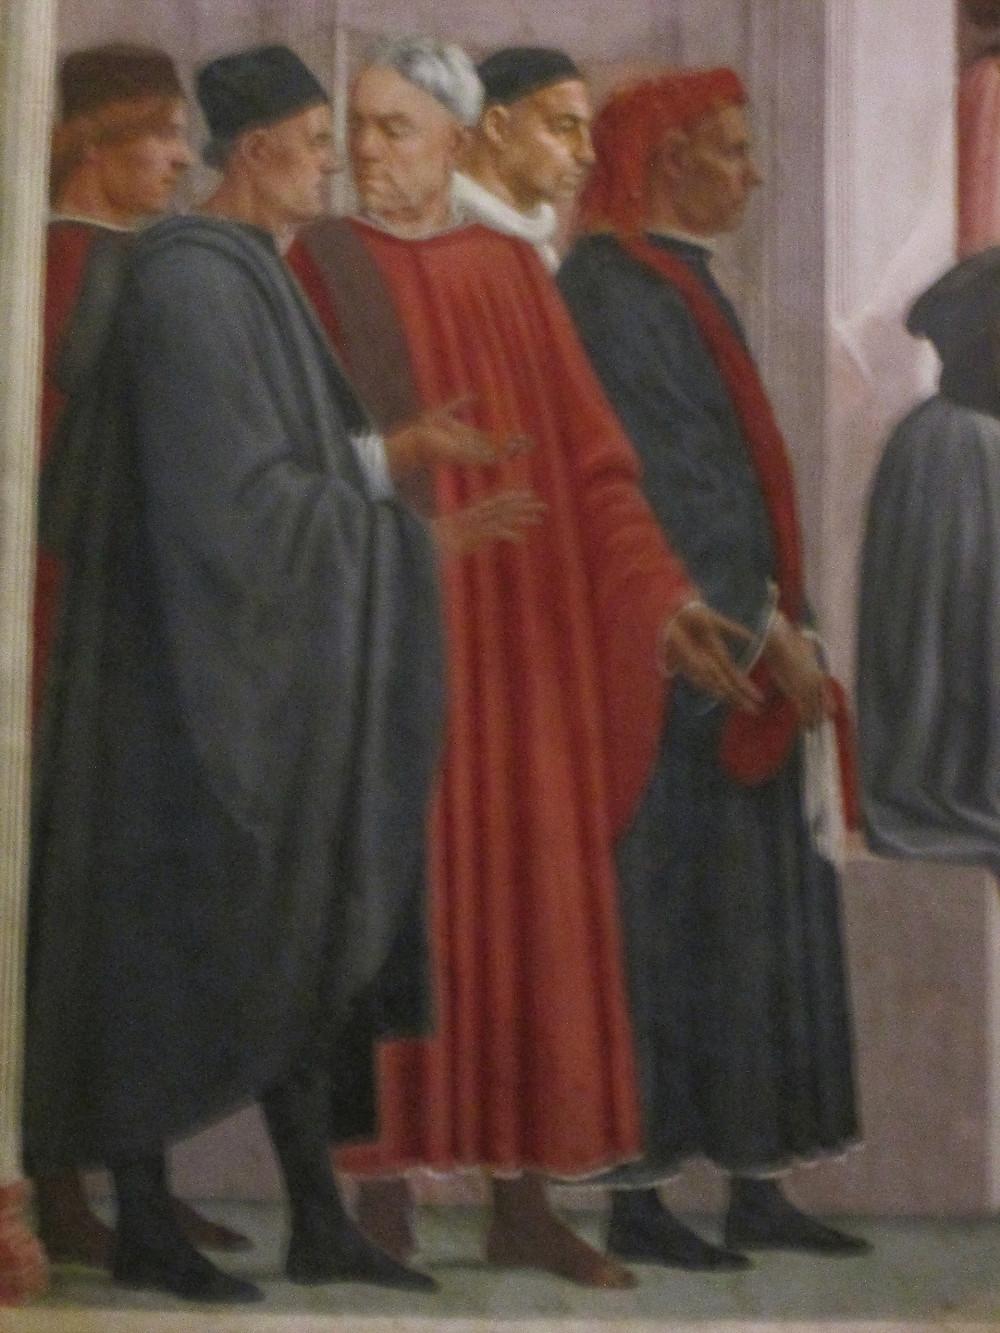 Lippi's addition to Masaccio's work. Photo by Diana Dinverno